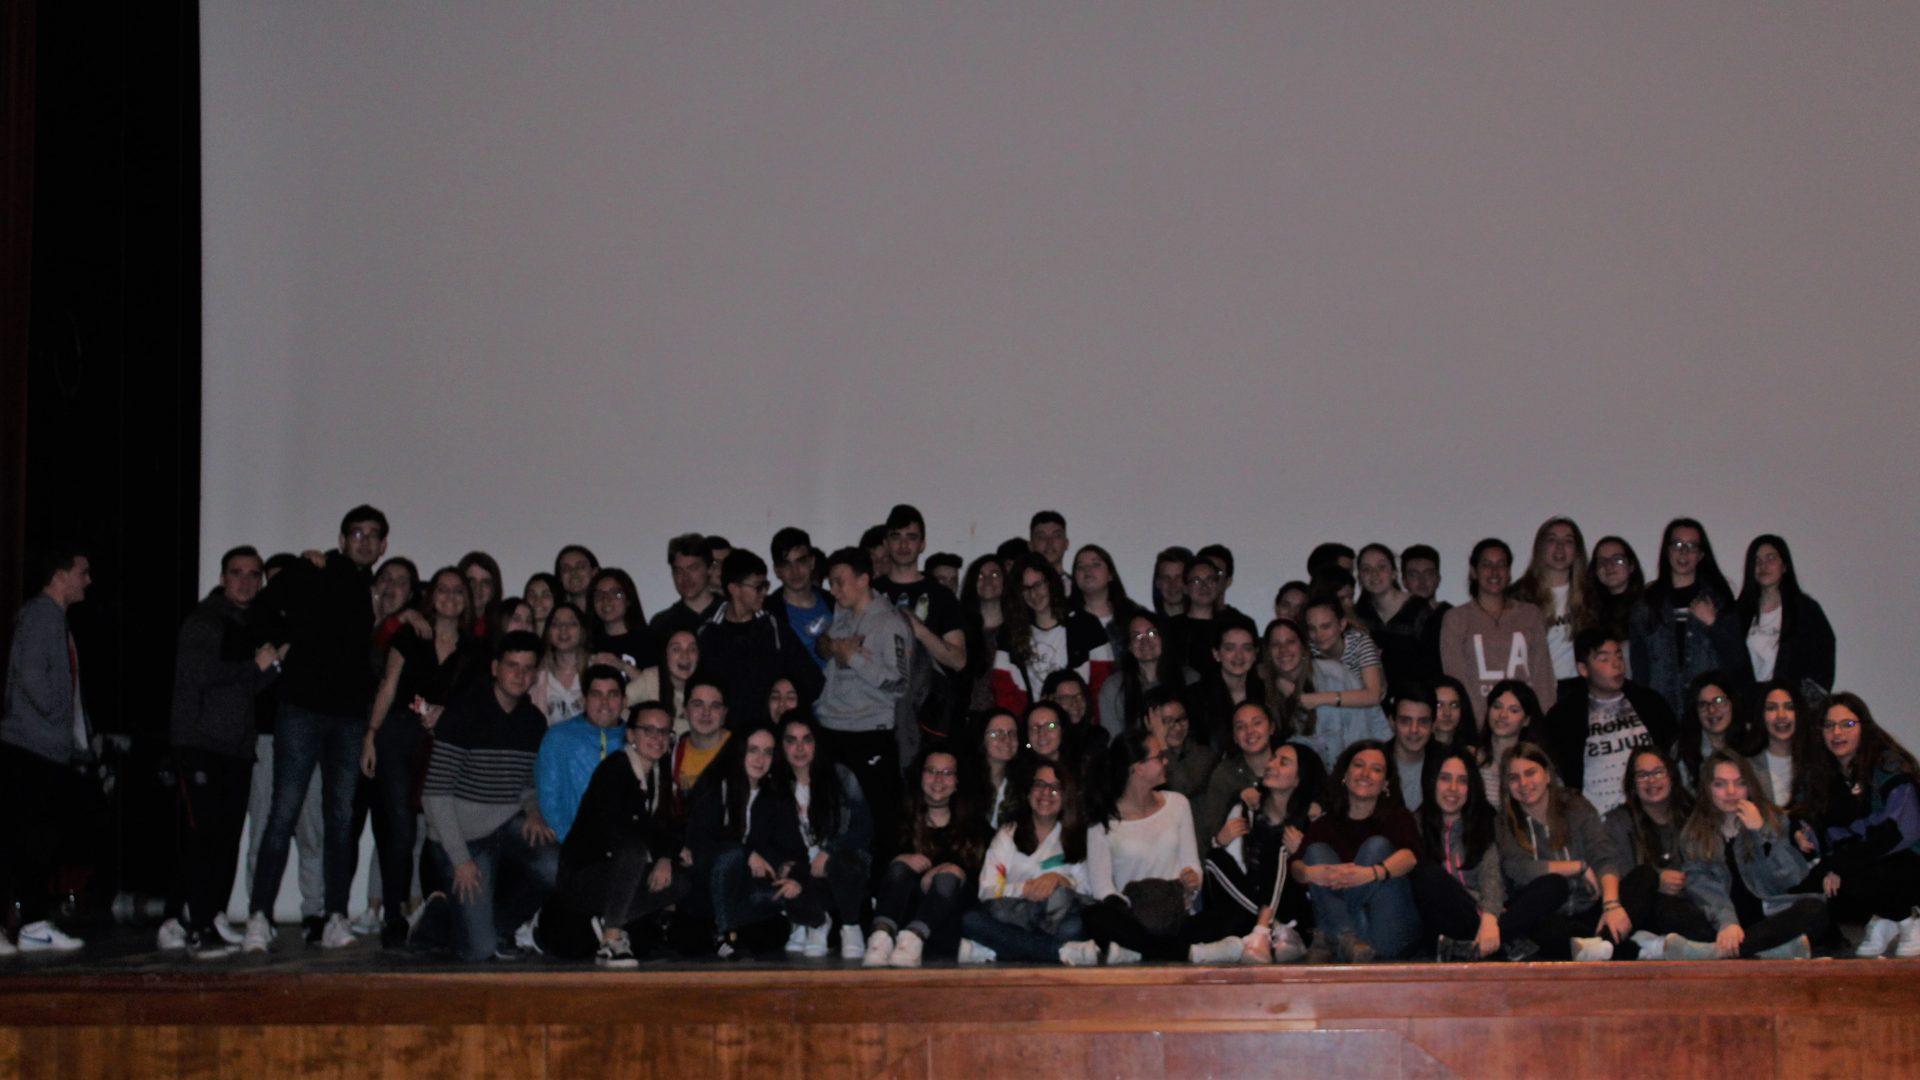 Énfasis, el documental ganador del XV Festival Internacional de Cine LGTBI 2017, se ha proyectado en Iniesta